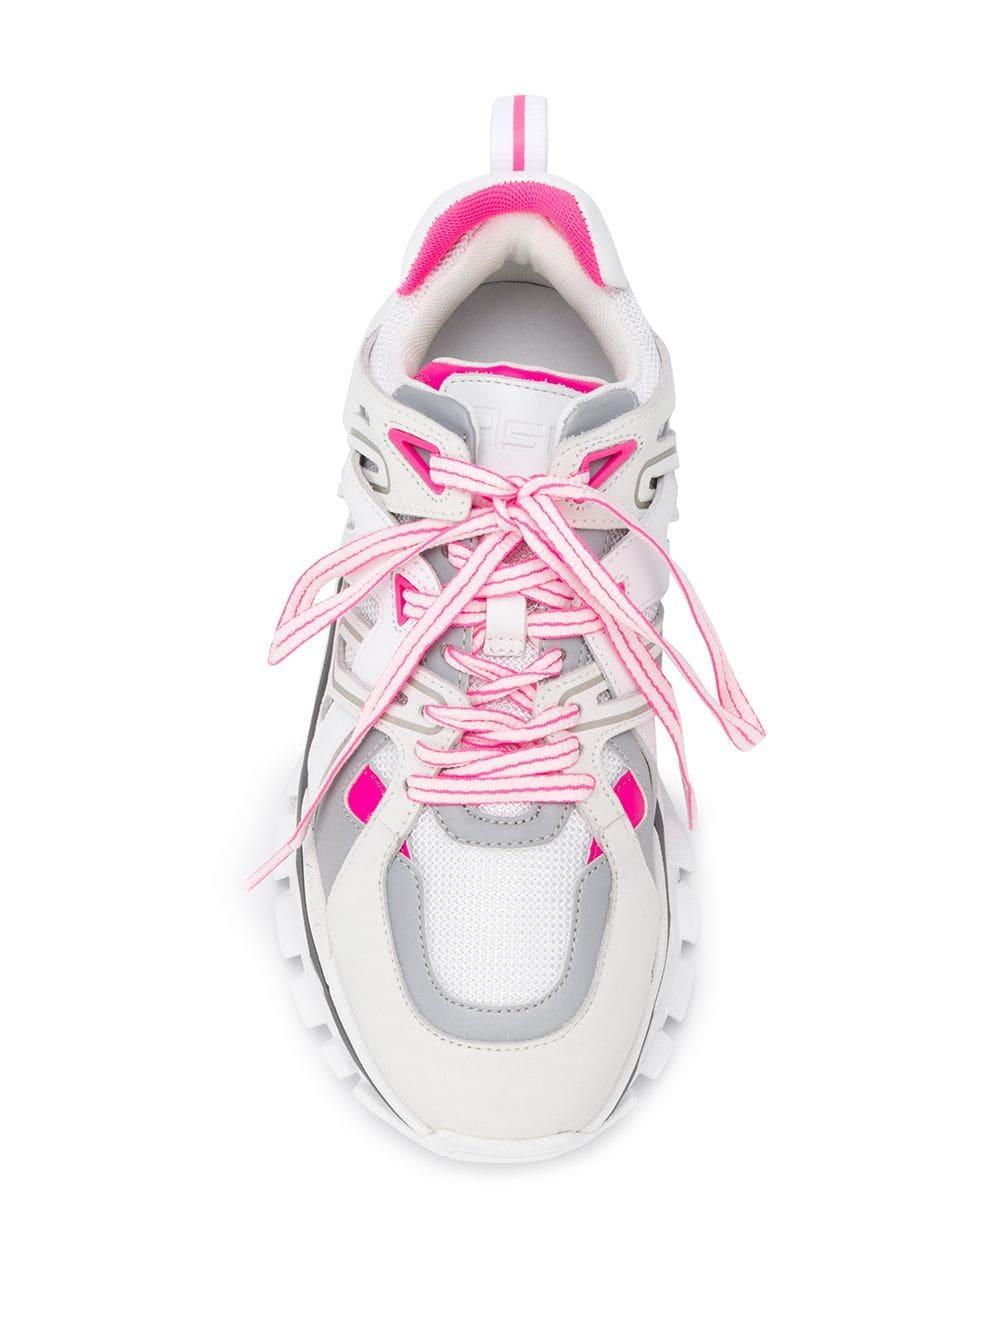 Zapatillas Deportivas de Mujer Ash de Cuero de color Blanco